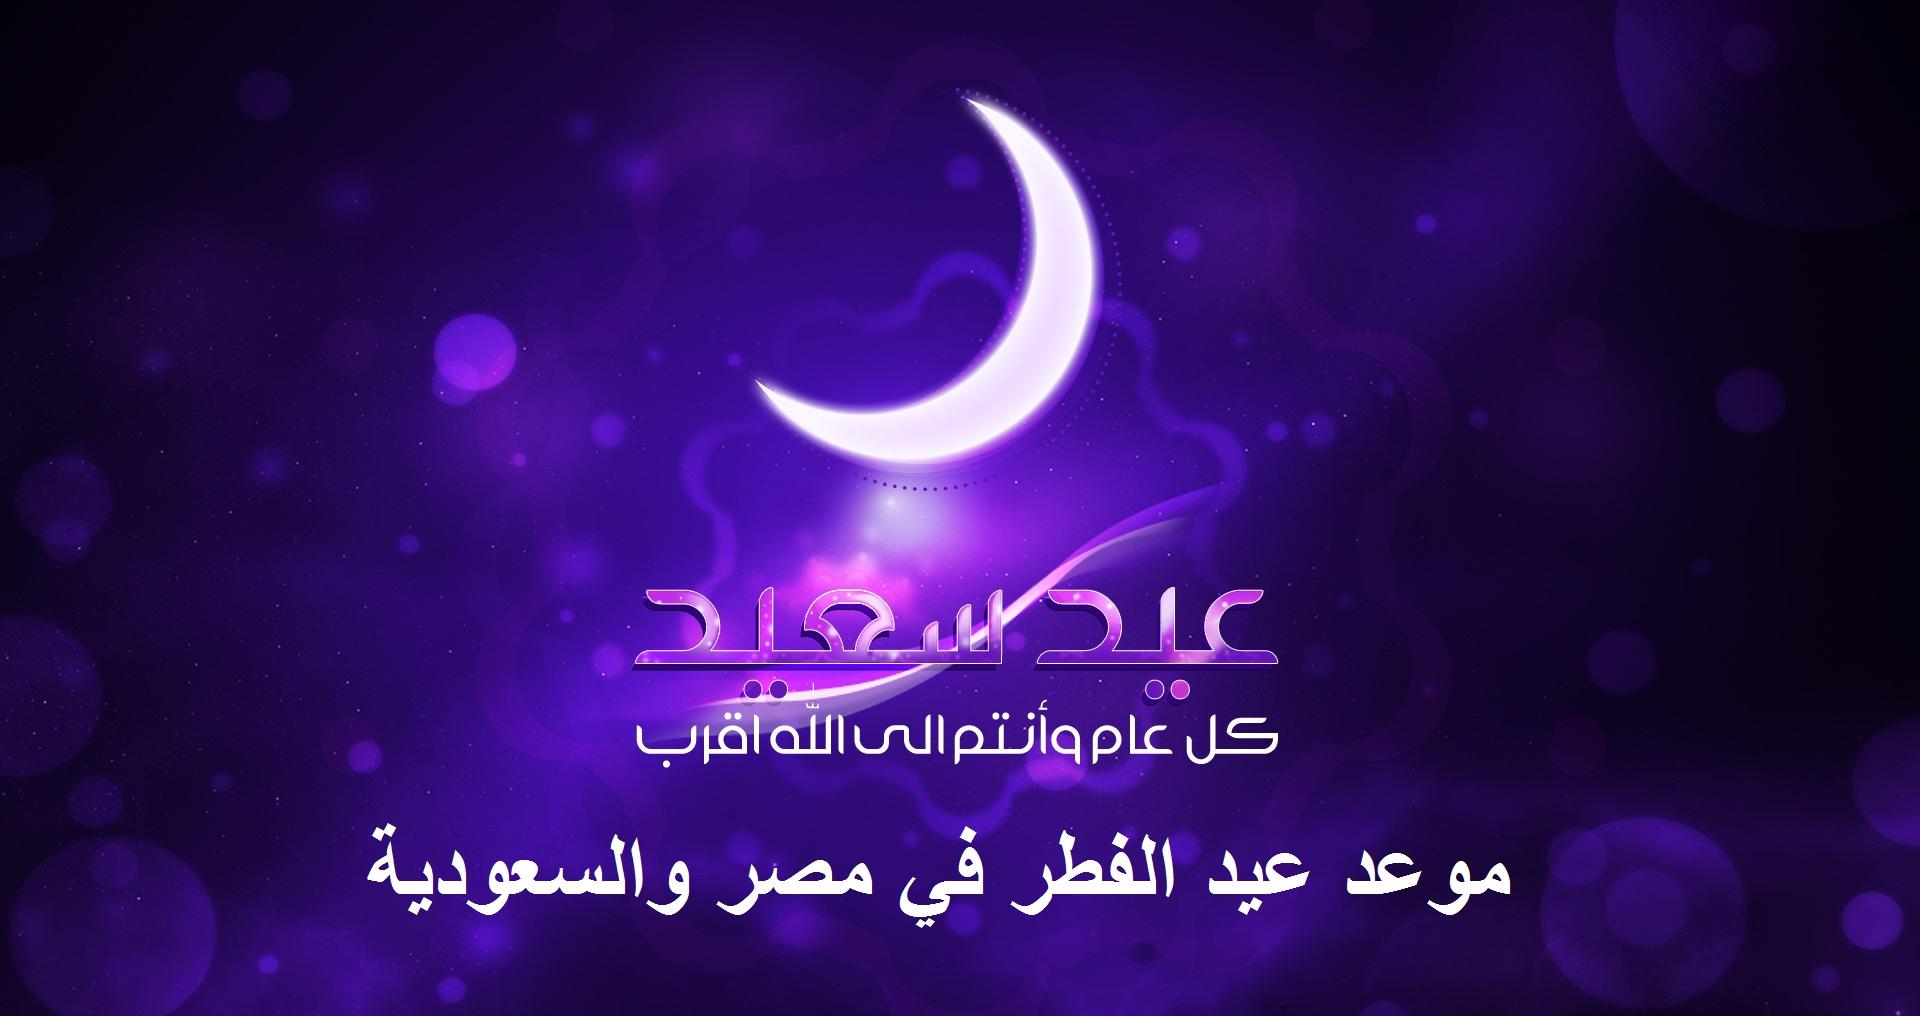 موعد أول أيام عيد الفطر 2021 في مصر والسعودية والدول العربية ونهاية رمضان فلكياً وموعد صلاة العيد